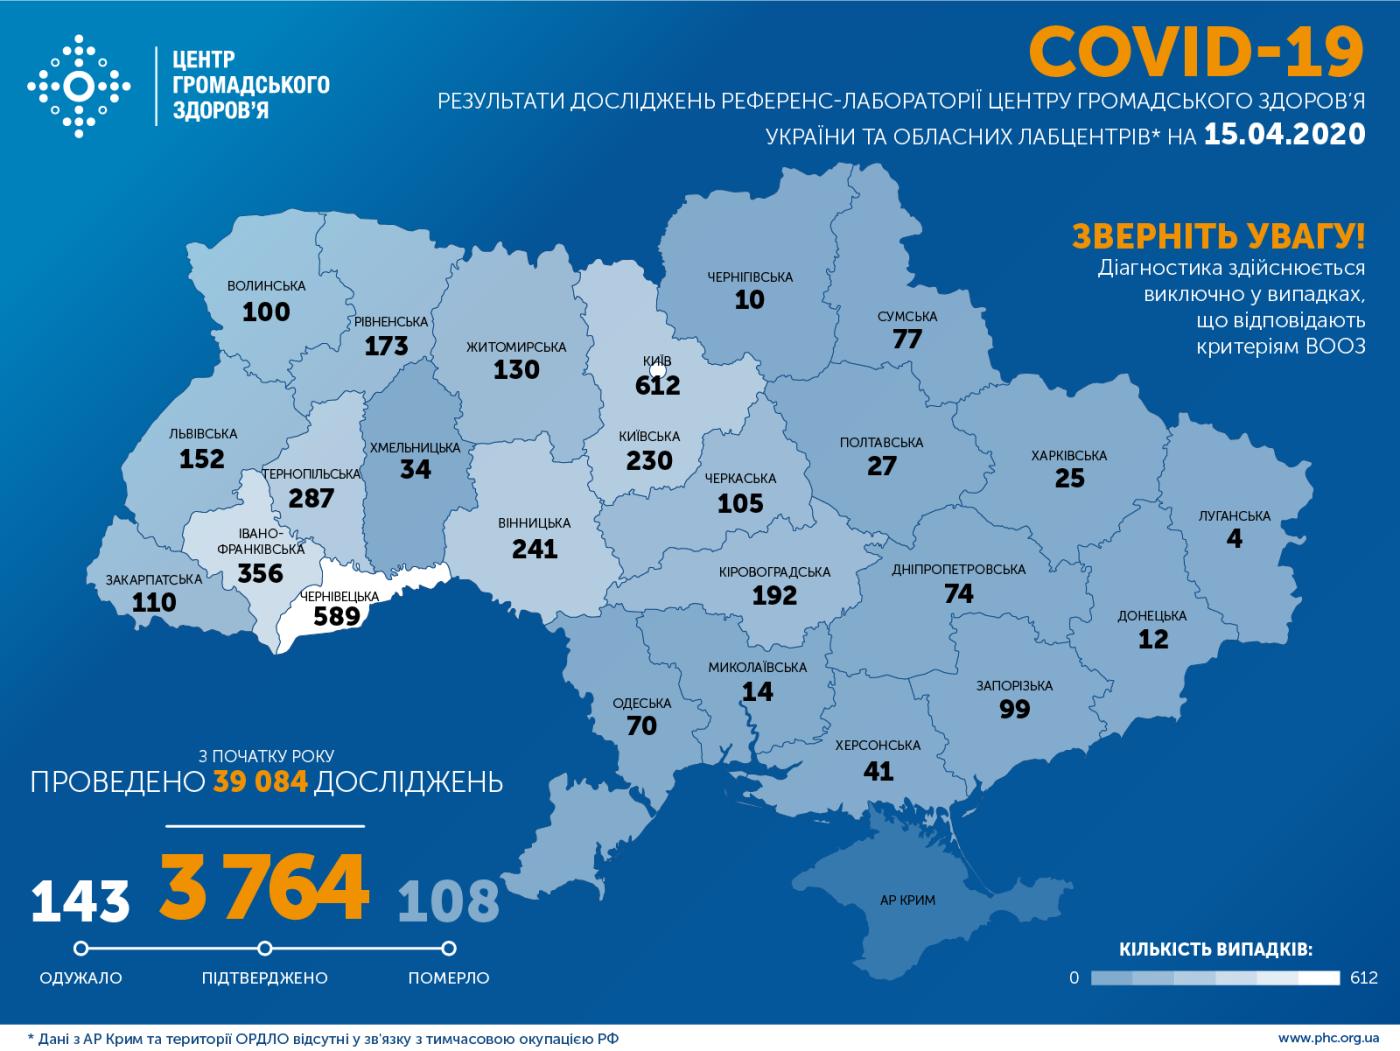 МОЗ: на Сумщині вже 77 випадків коронавірусу, а по Україні – 3 764, фото-1